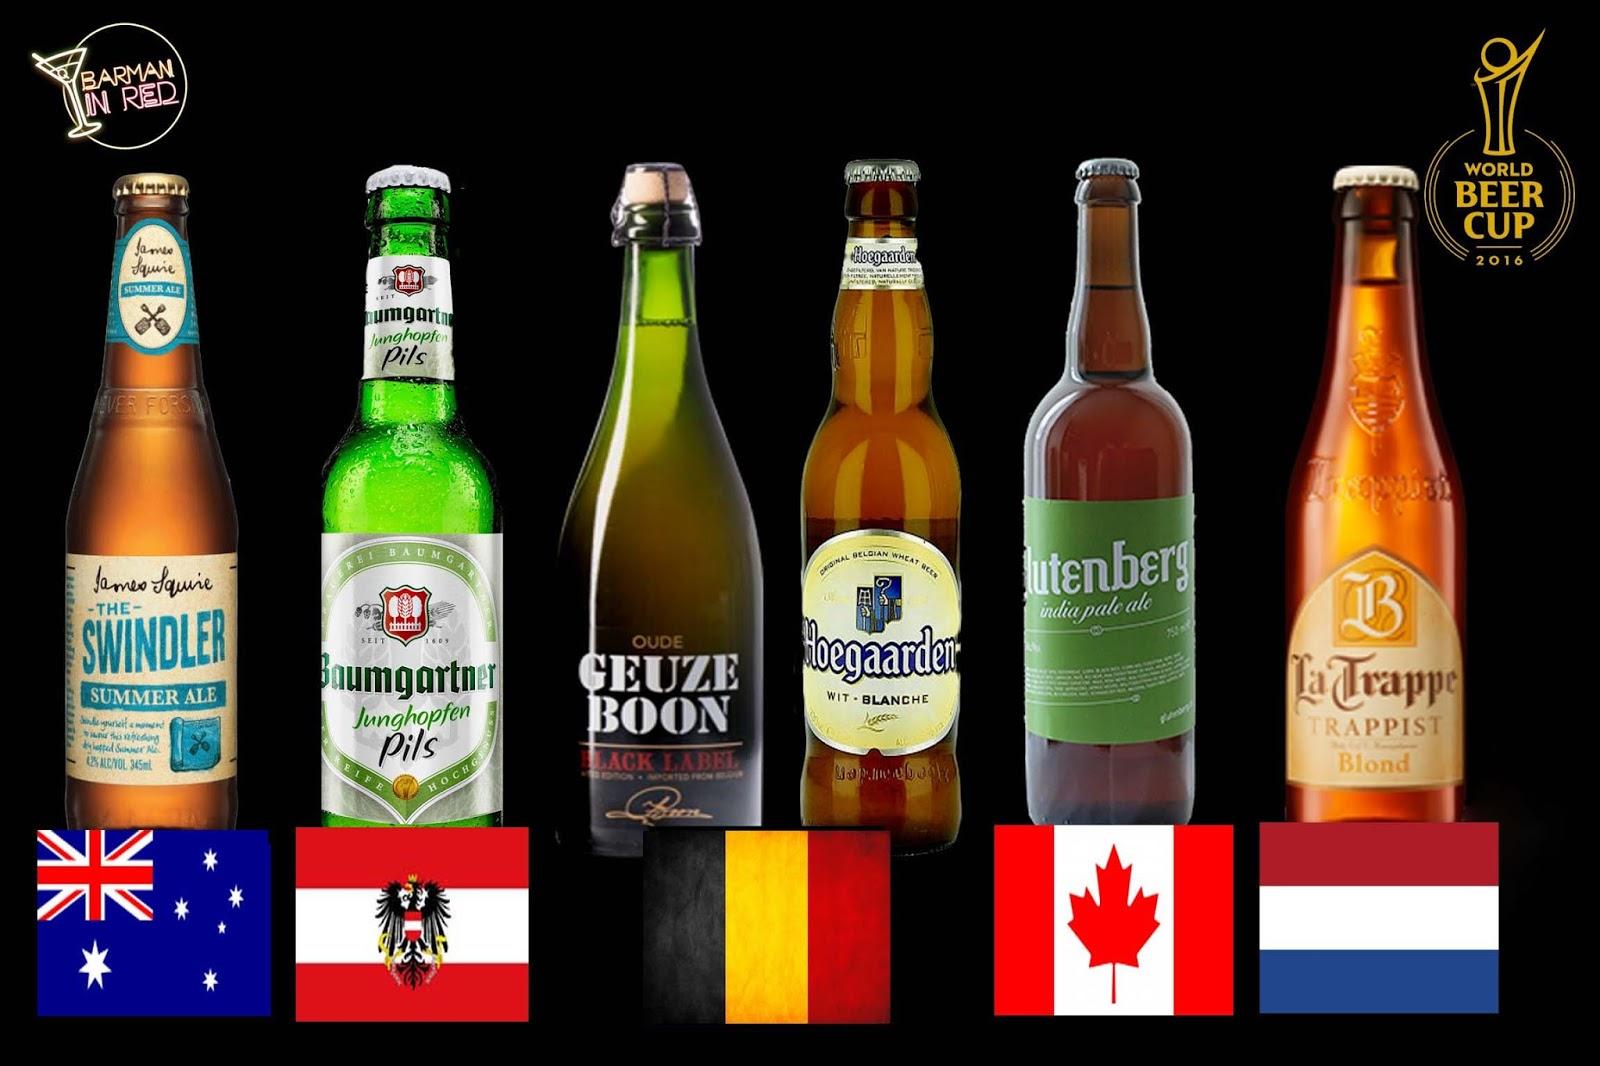 Mejores cervezas artesanales del mundo 2016 for Mejores ensaladas del mundo